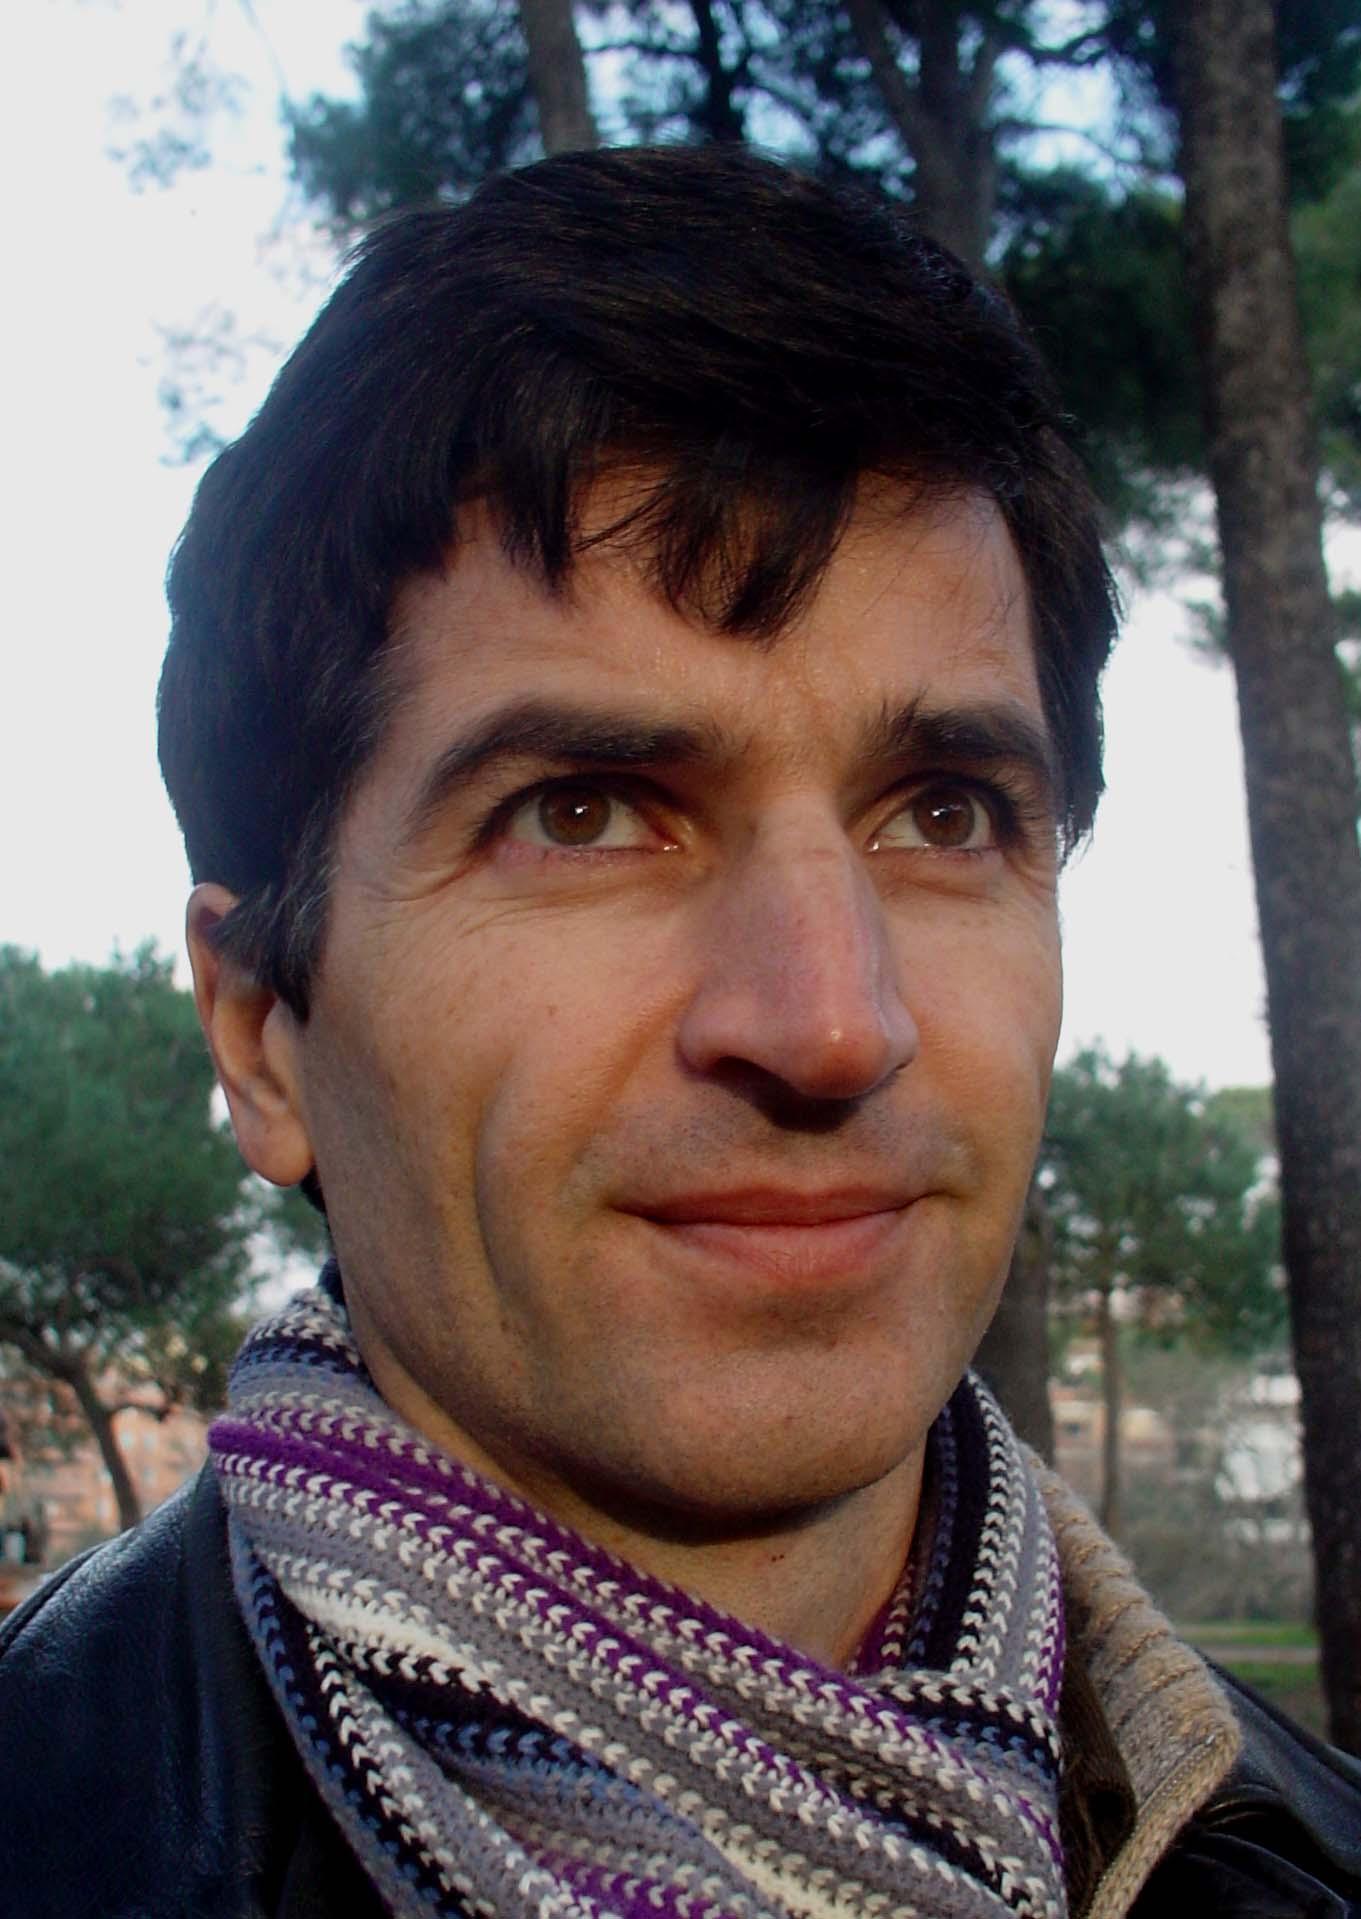 Stefano Nolfi